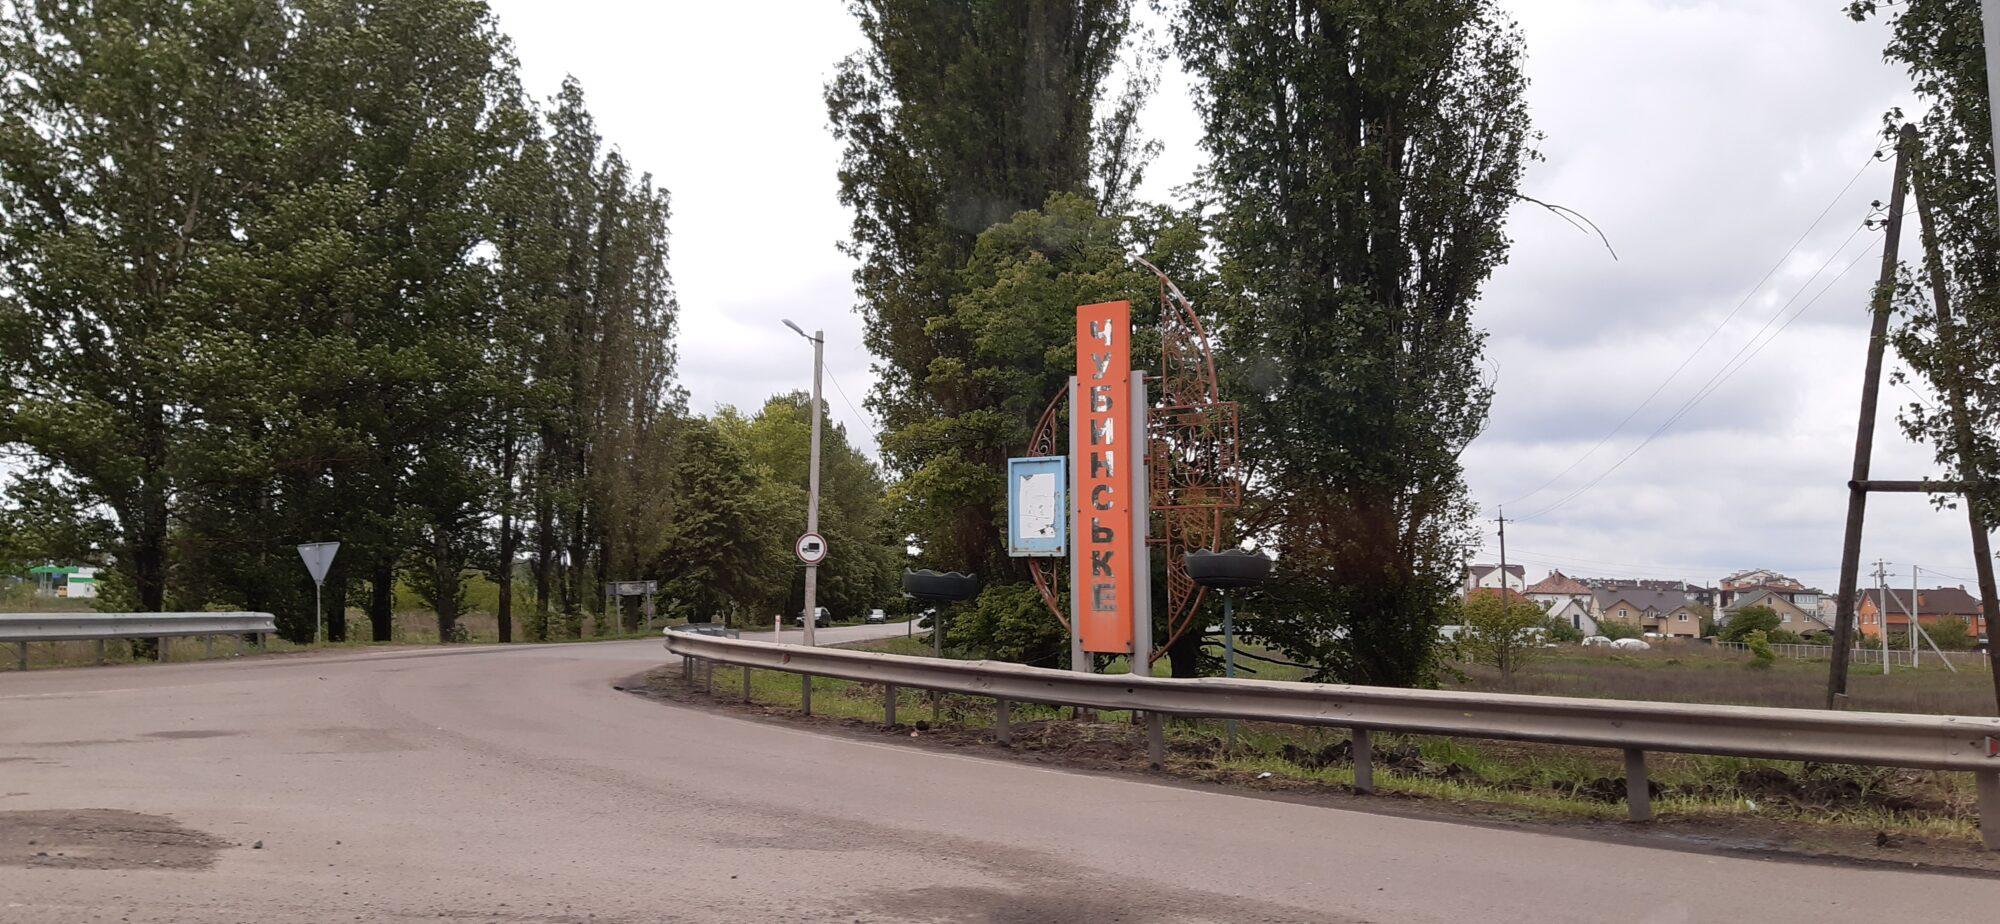 На Бориспільщині із розплідника втекла рись - Чубинське, втеча - 20200526 142139 2000x924